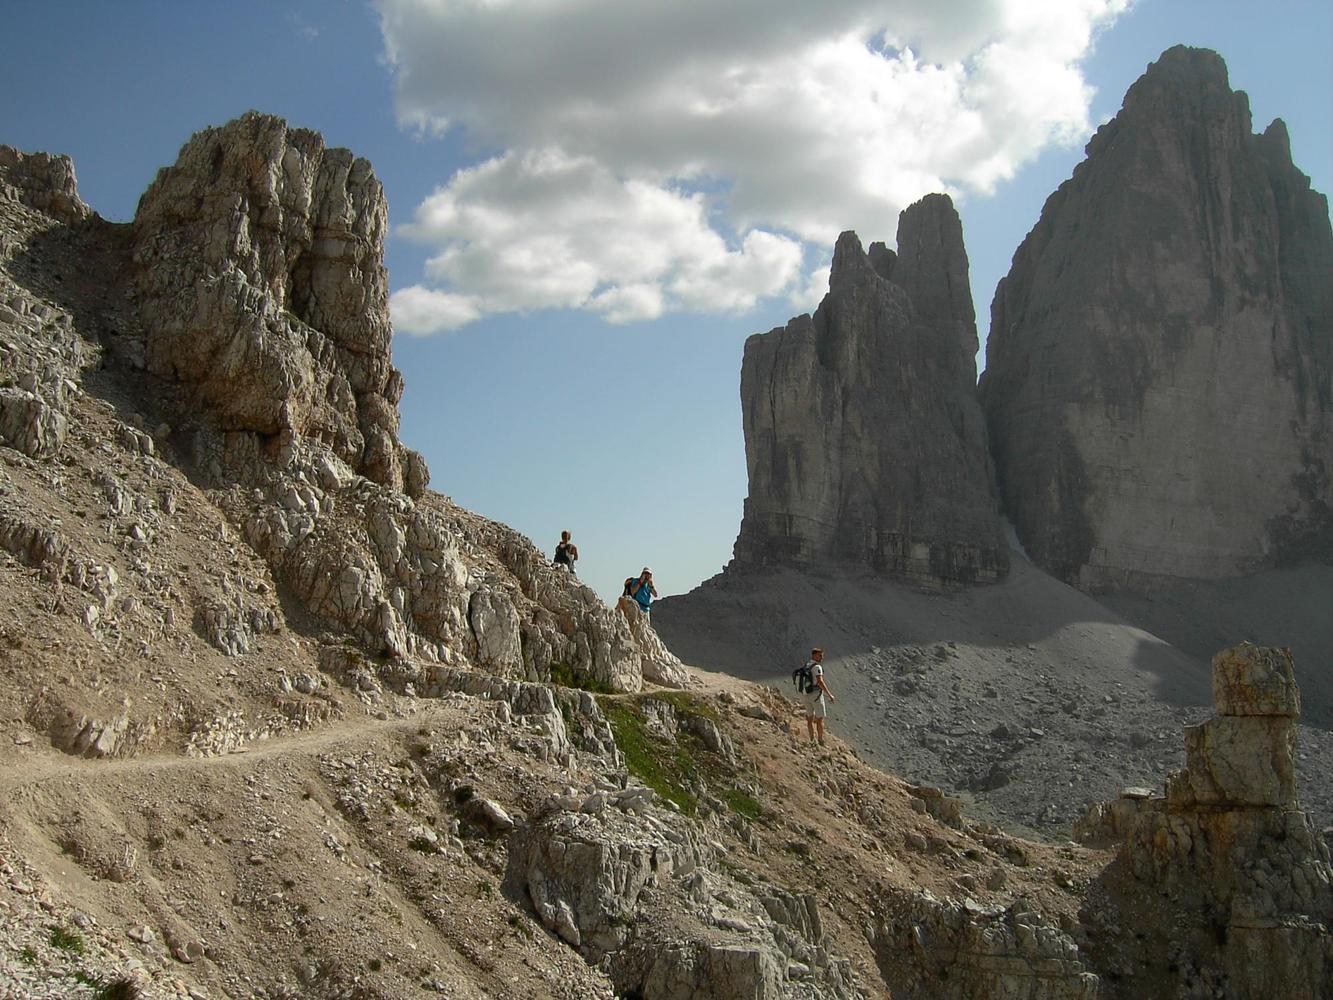 Entre le Paterno et la face nord des Tre Cime, Dolomites - Géraldine Dequier